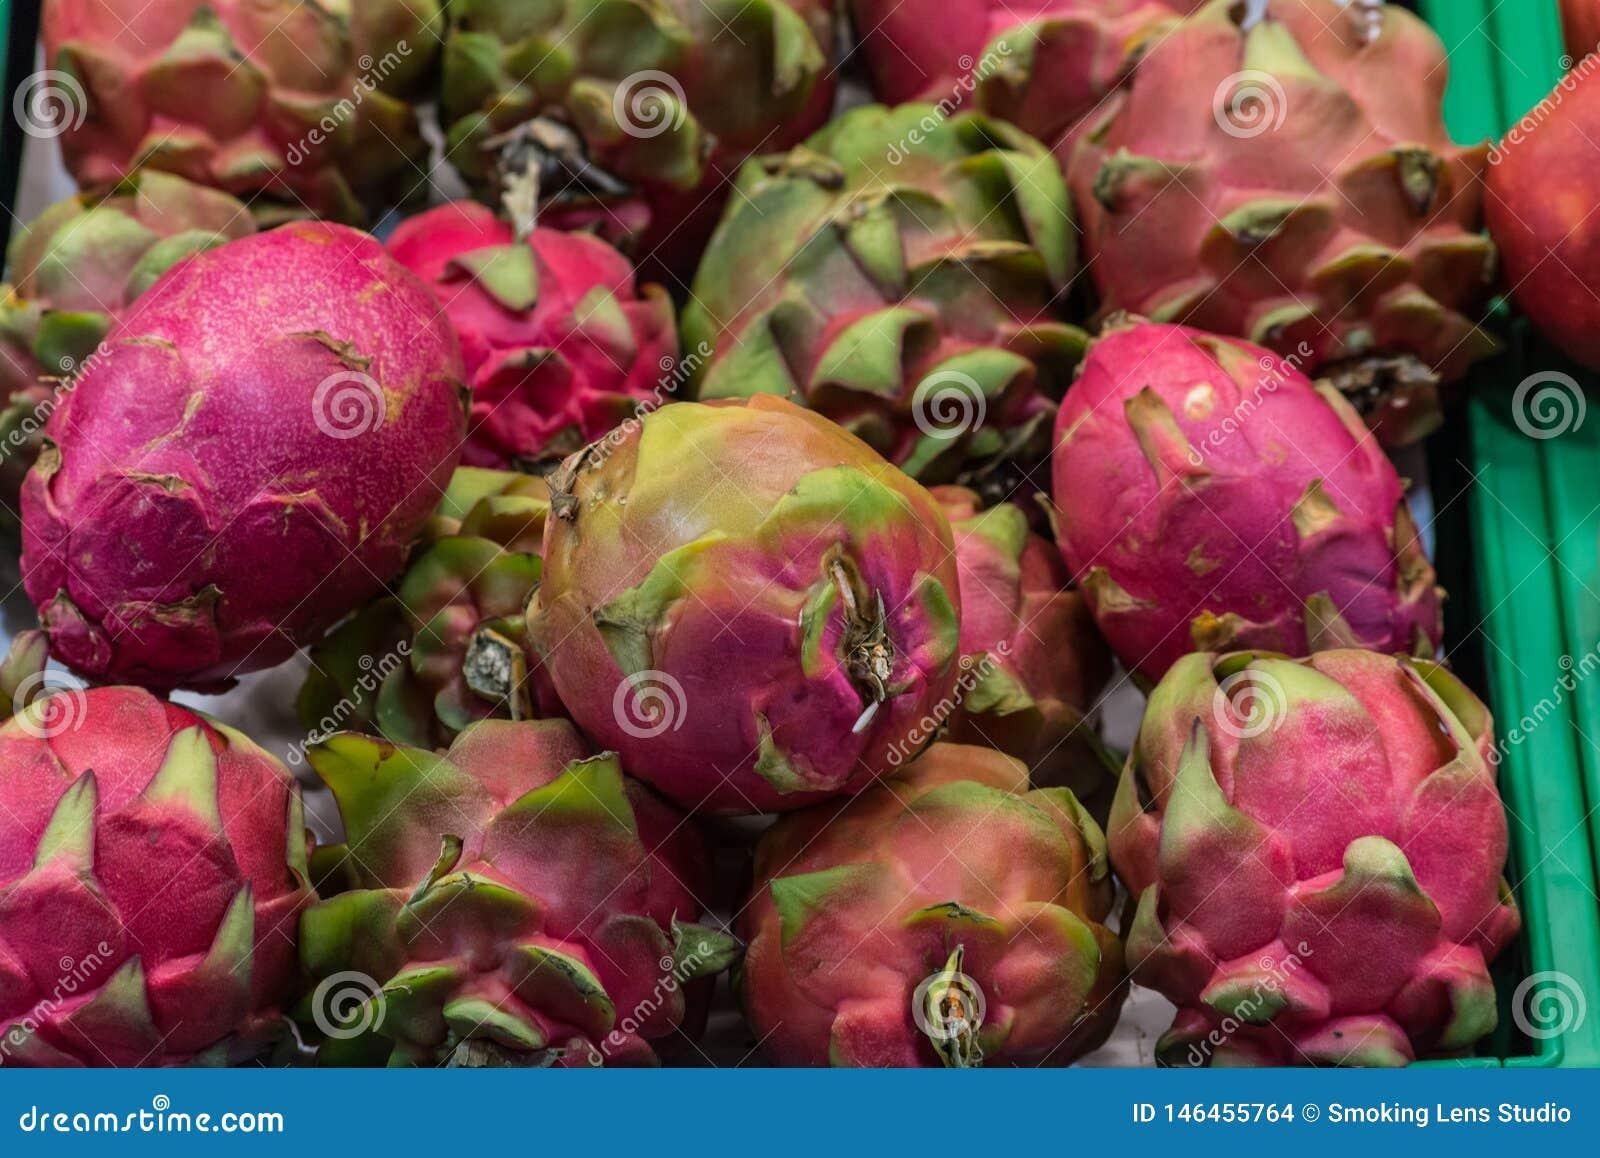 Panier de fruits exotique dans le supermarché